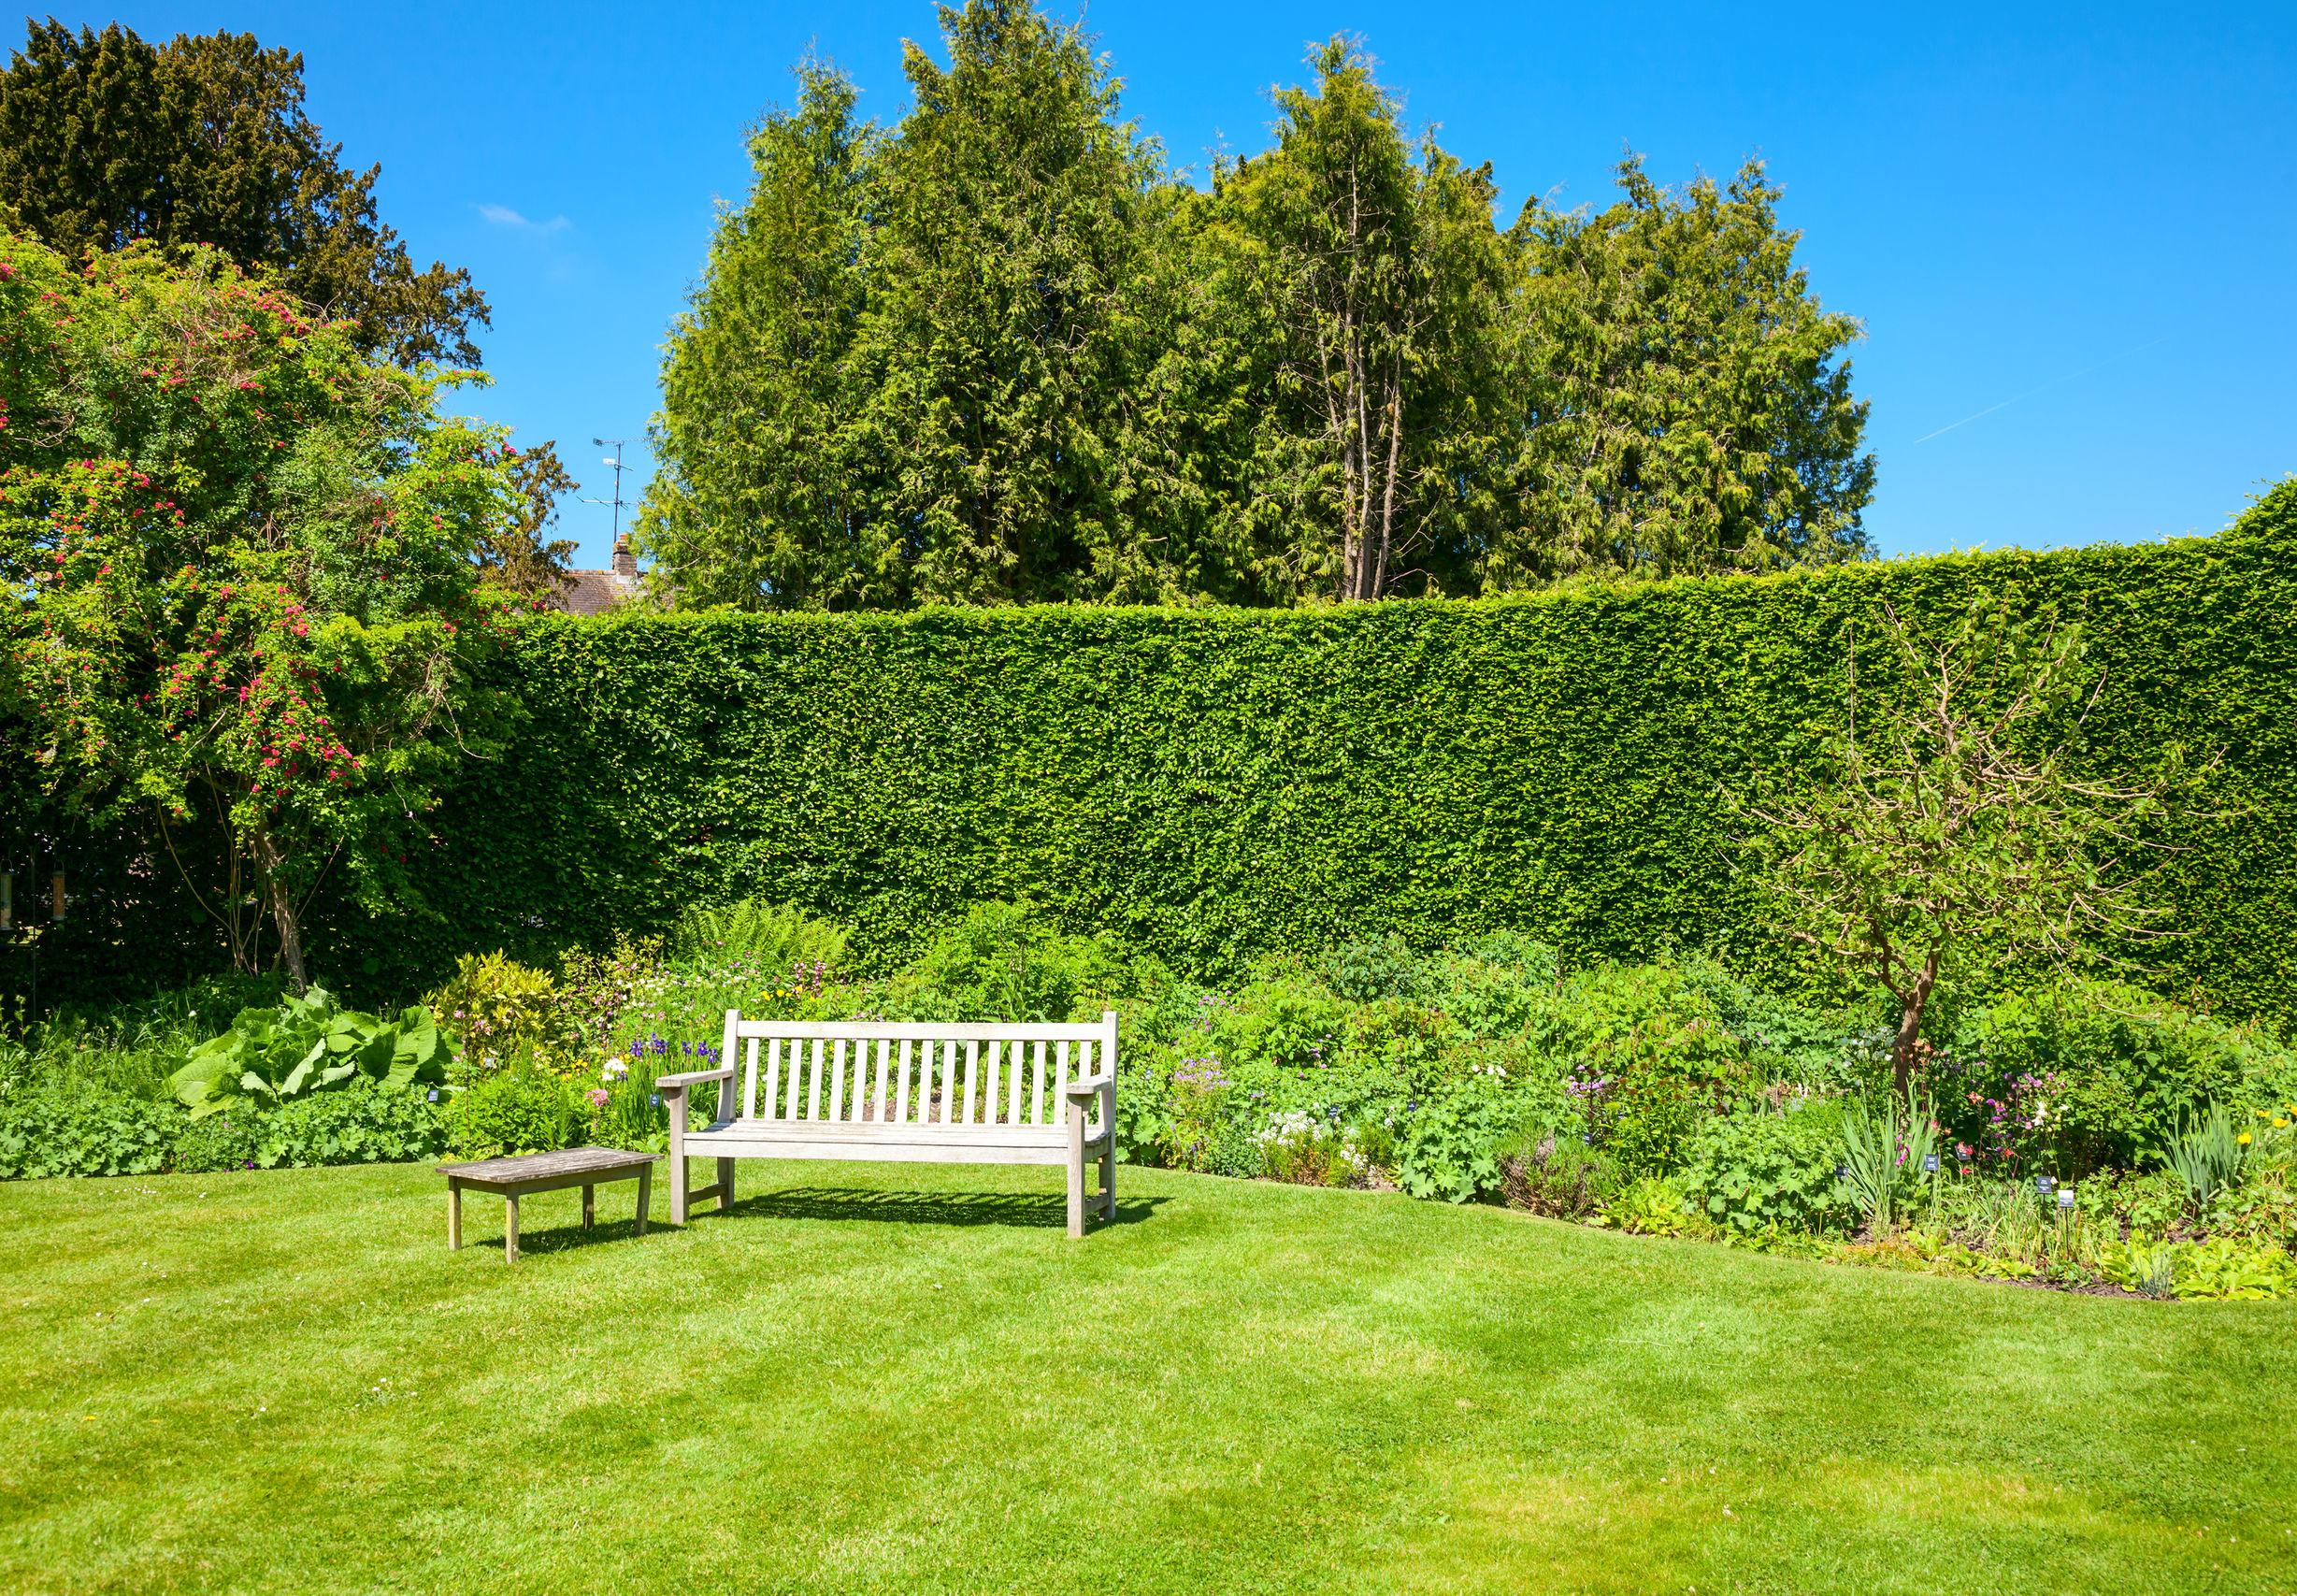 Comment Cloturer Son Jardin tout ce que vous devez savoir sur la clôture de jardin